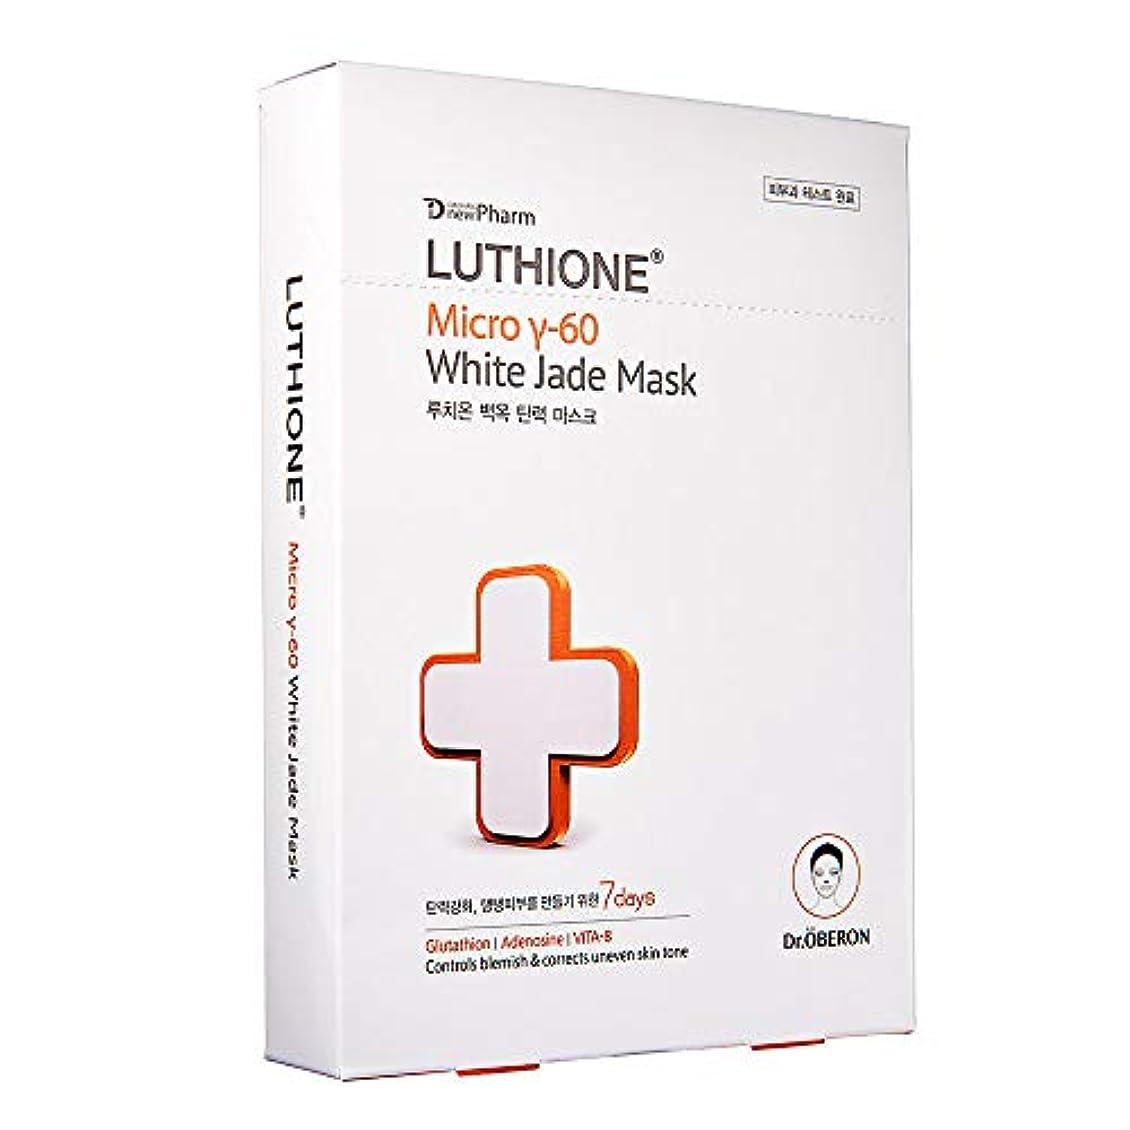 行く飛び込むその[Luthione] ルチオン マイクロ γ-60 白玉 マスクシート マスクパック フェイスパック 7枚 MICRO γ-60 WHITE JADE MASK Pack of 7 - Korean Cupra Faicial...